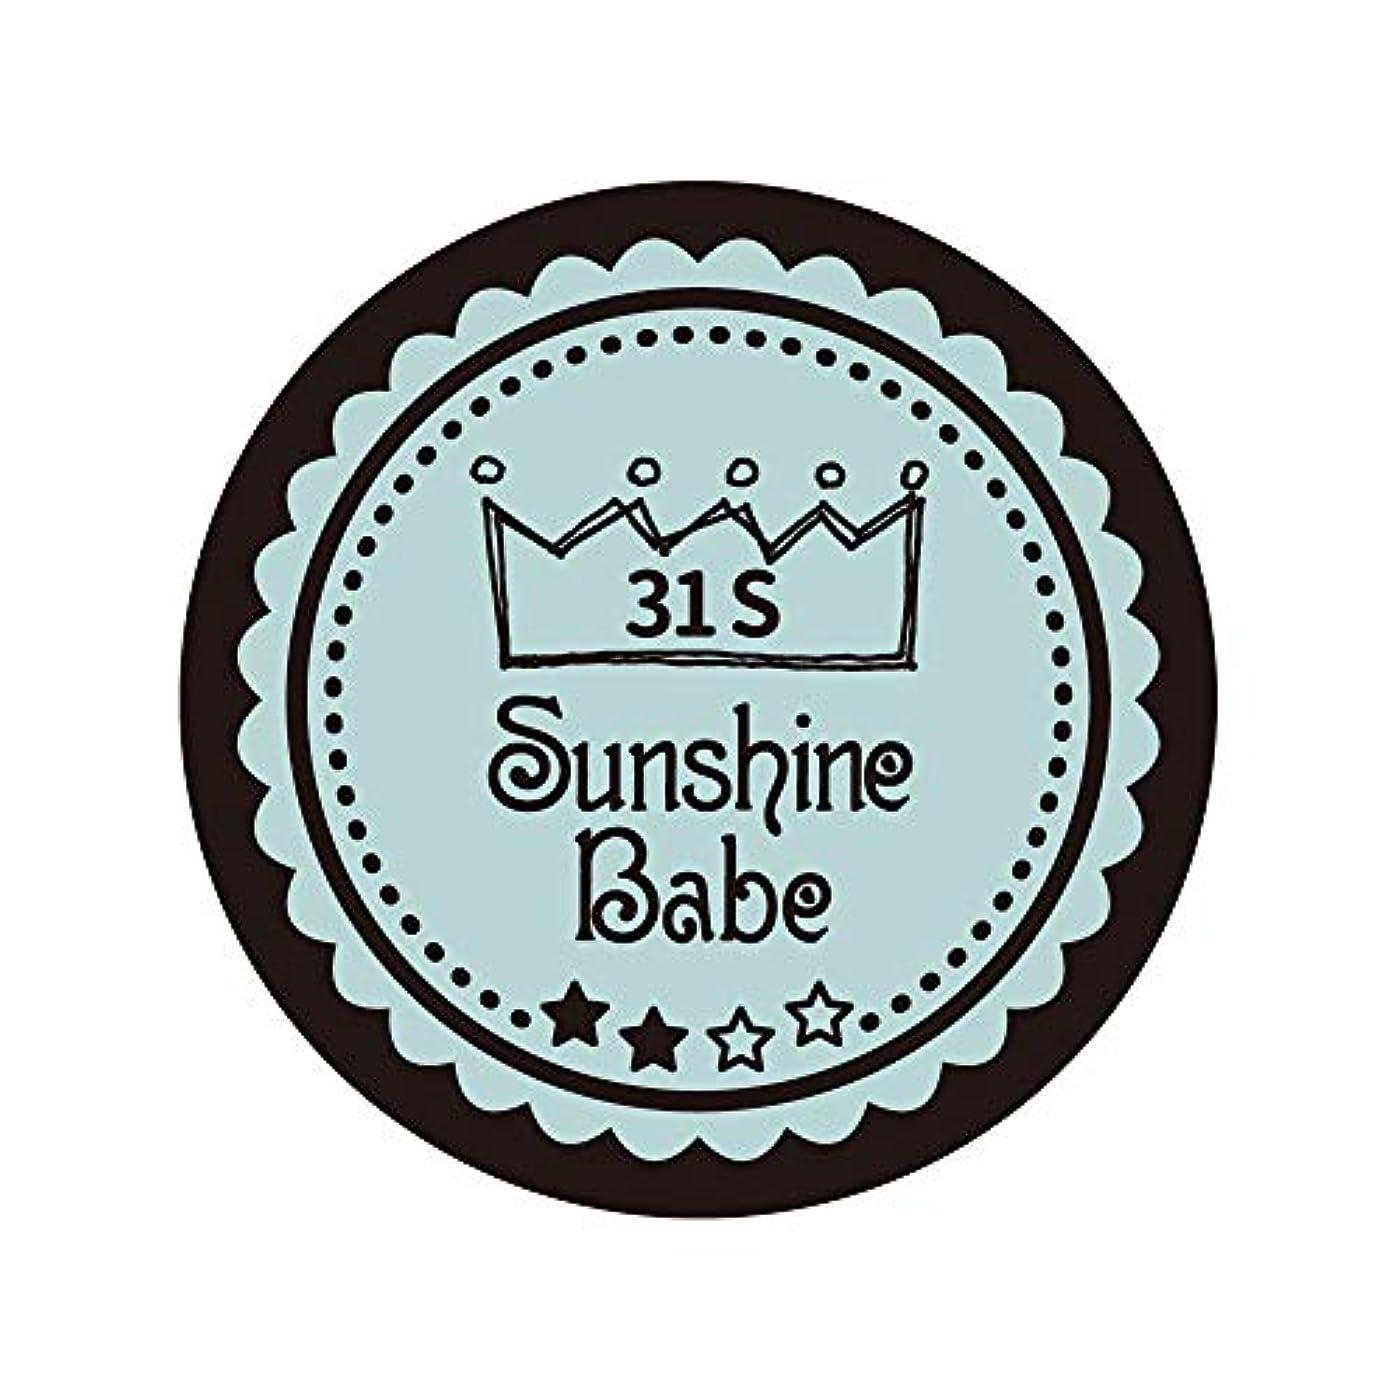 結果怒って非常に怒っていますSunshine Babe コスメティックカラー 31S アイスブルー 4g UV/LED対応